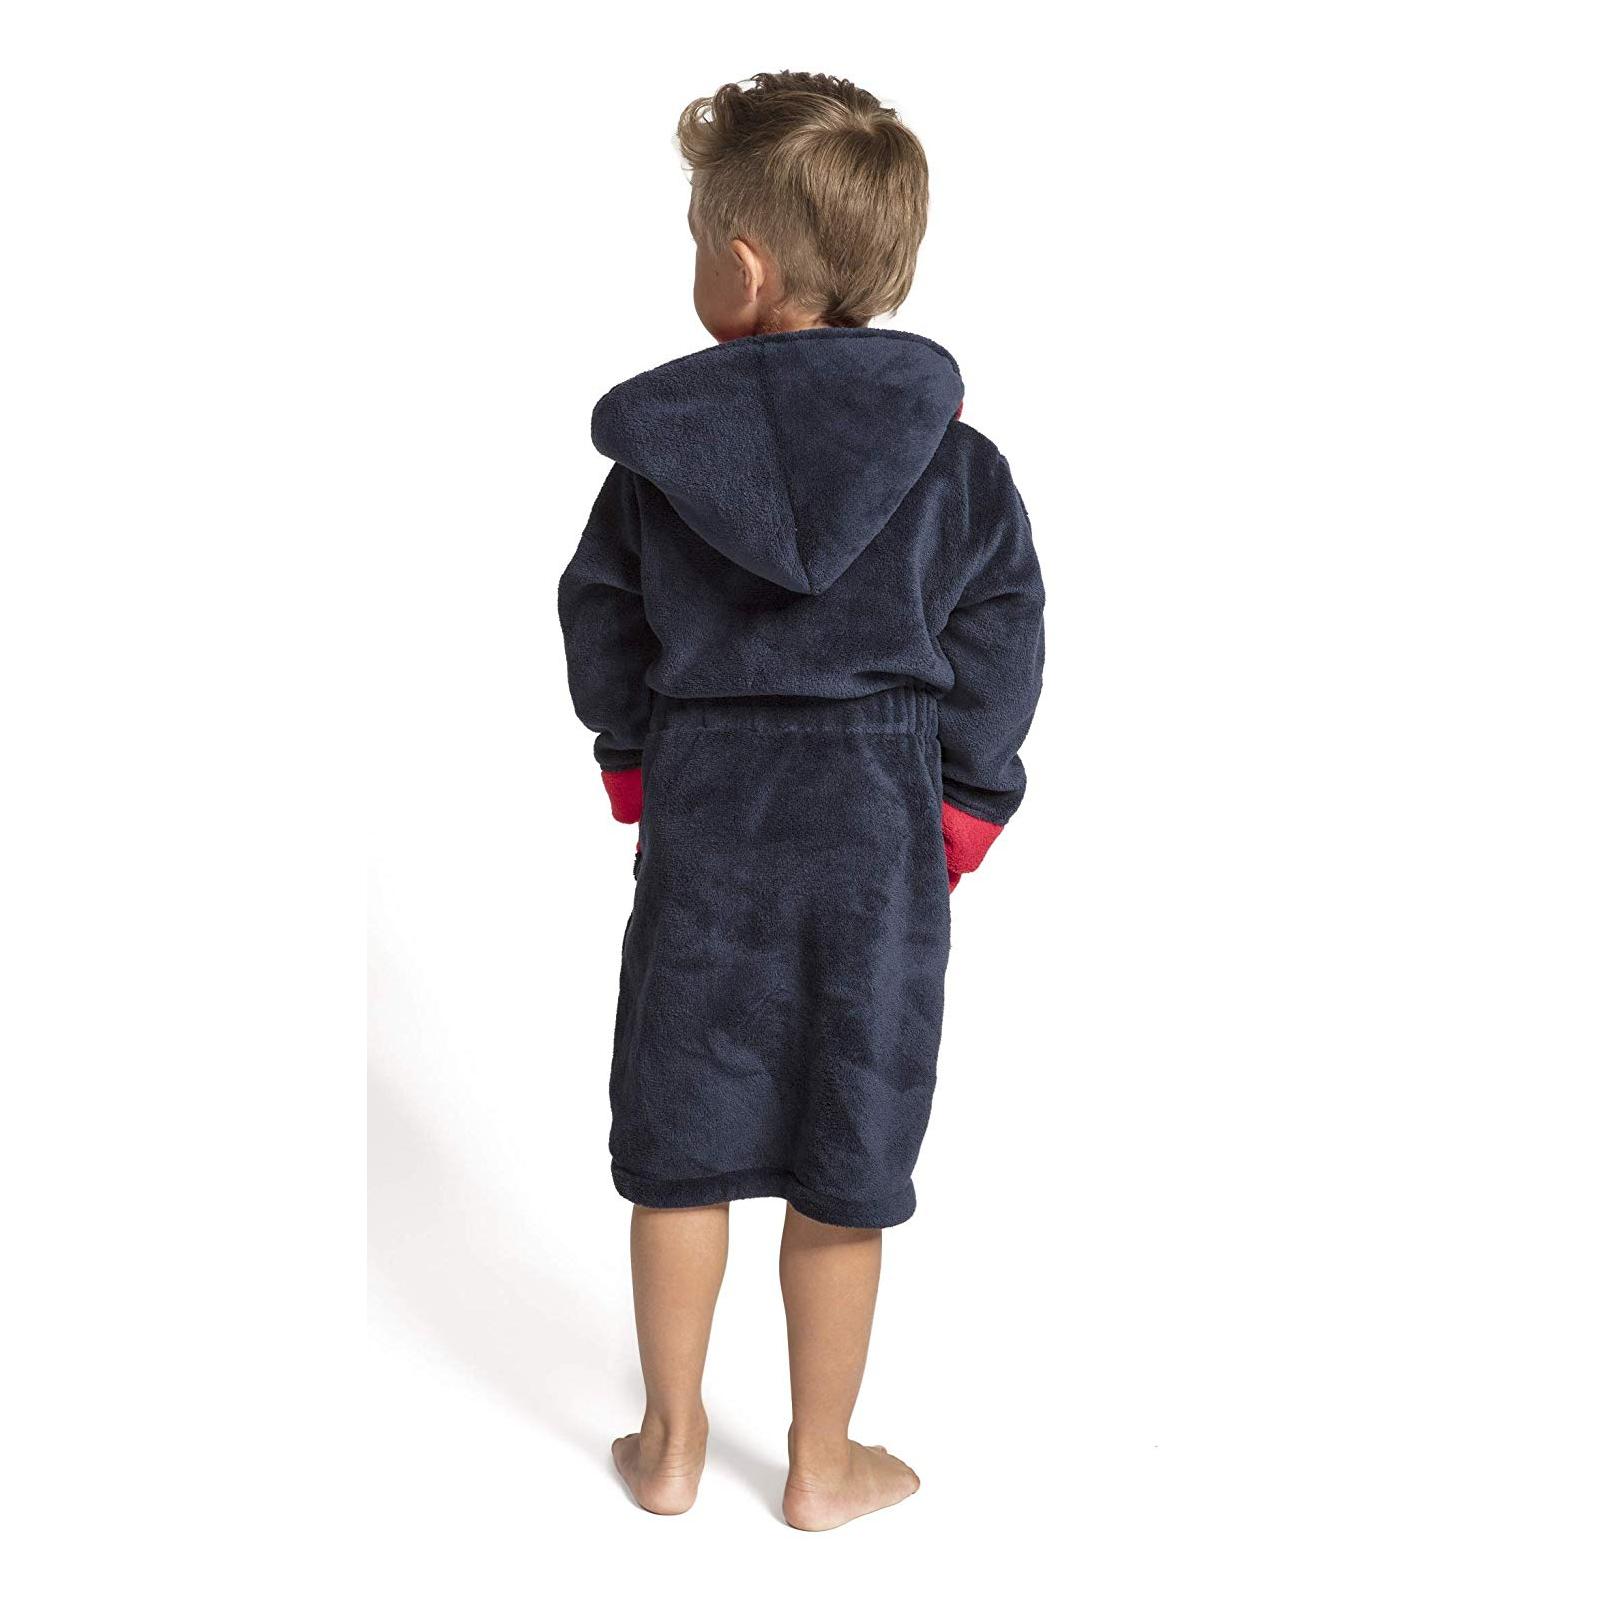 Hawiton Kinder Frottee Bademantel mit Kapuze flauschig Warmer Morgenmantel f/ür Junge und M/ädchen Kinder Bademantel Kinder